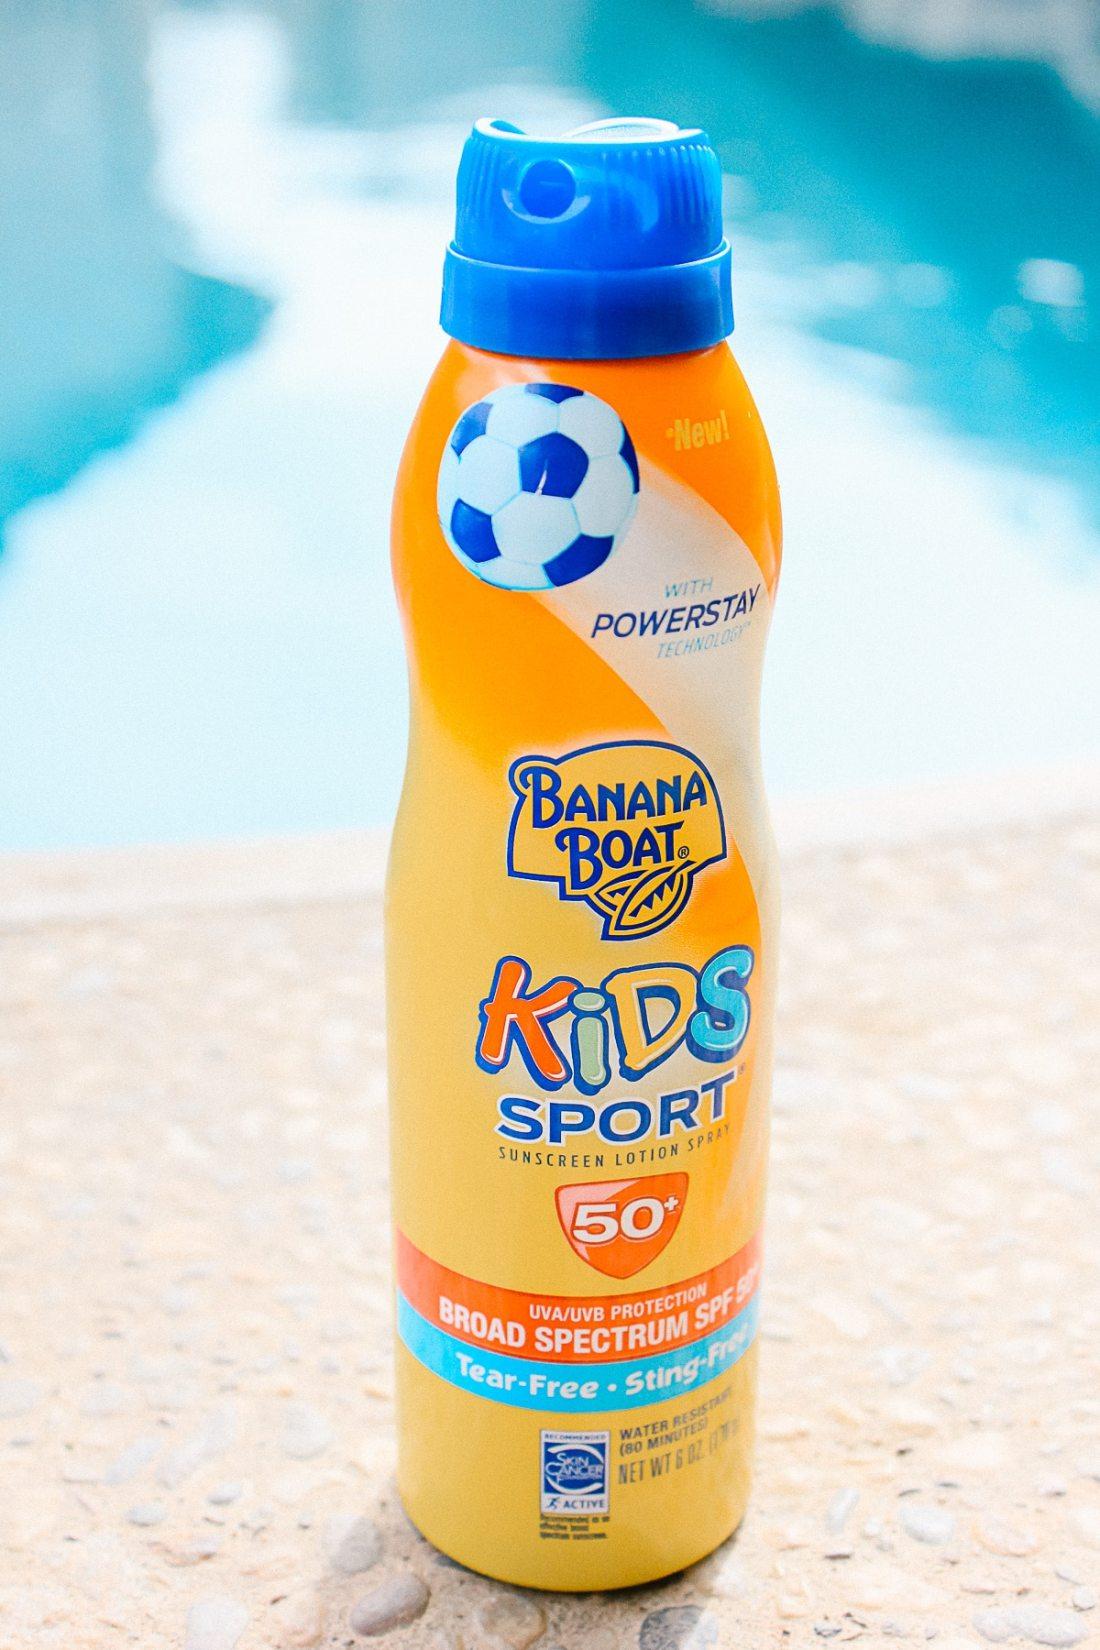 Banana Boat Kids Sport Sunscreen Spray